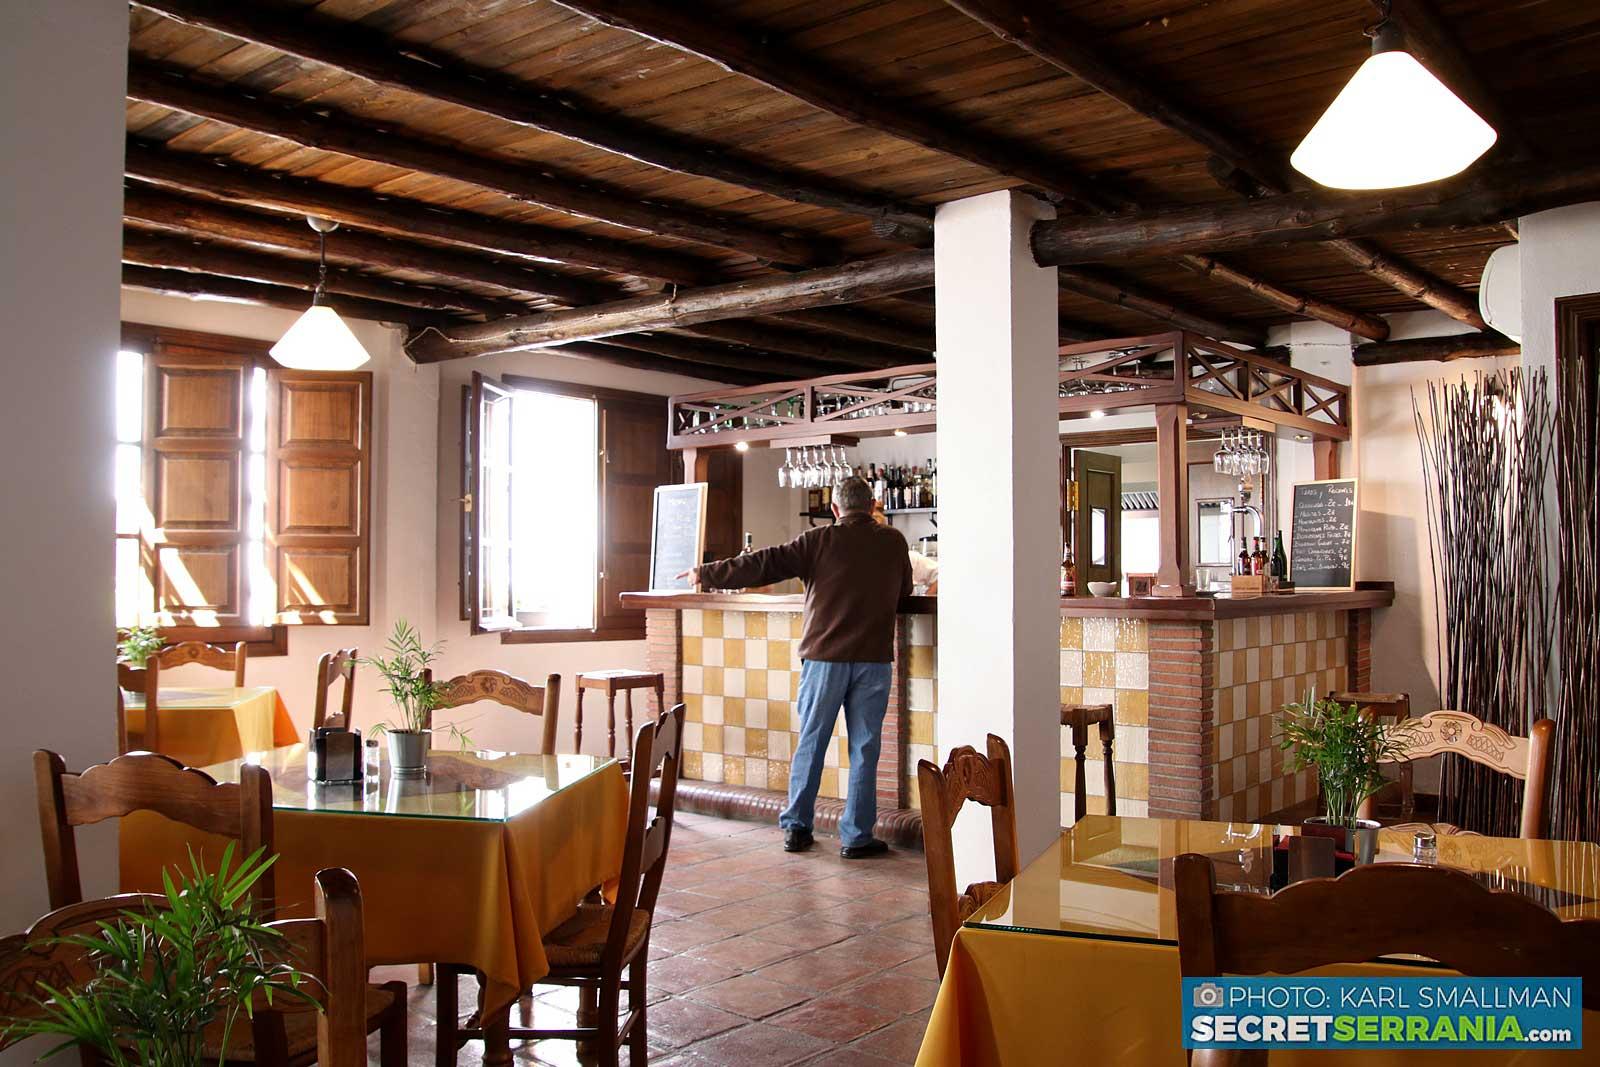 Hotel Inz-Almaraz